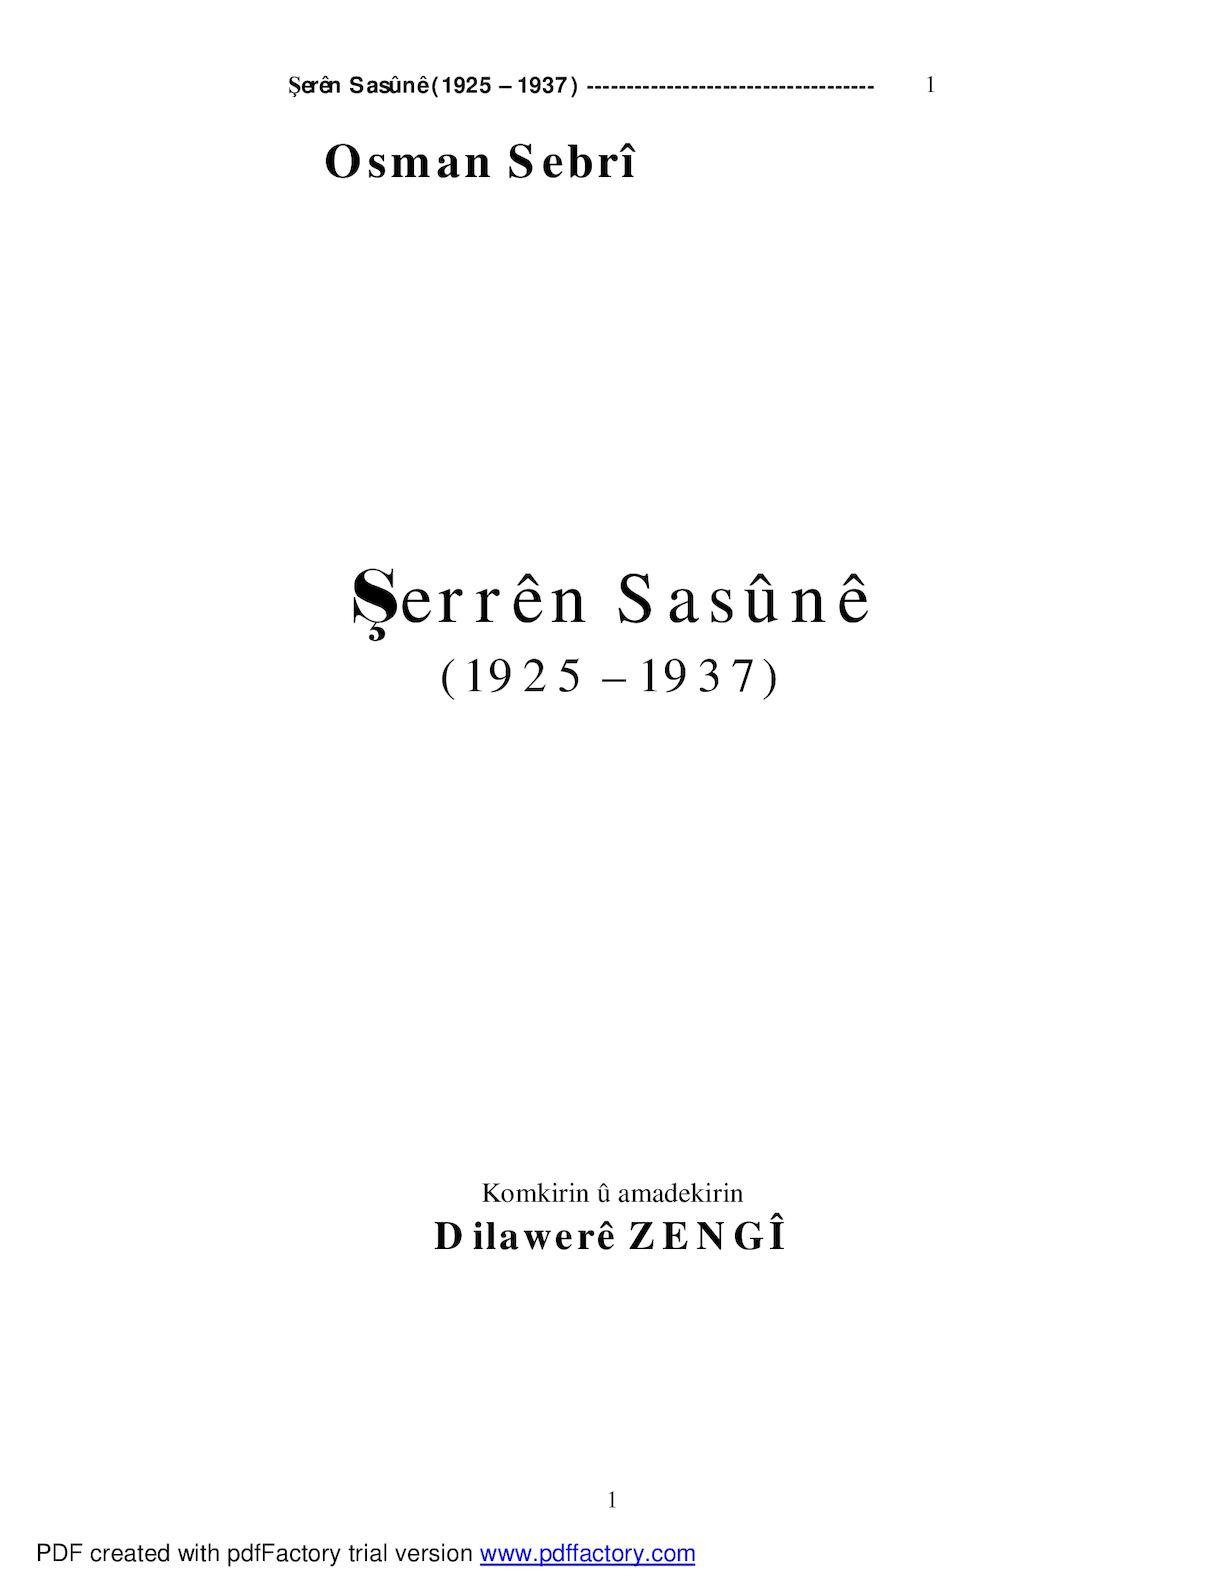 Şerrên Sasûnê (1925 – 1937).